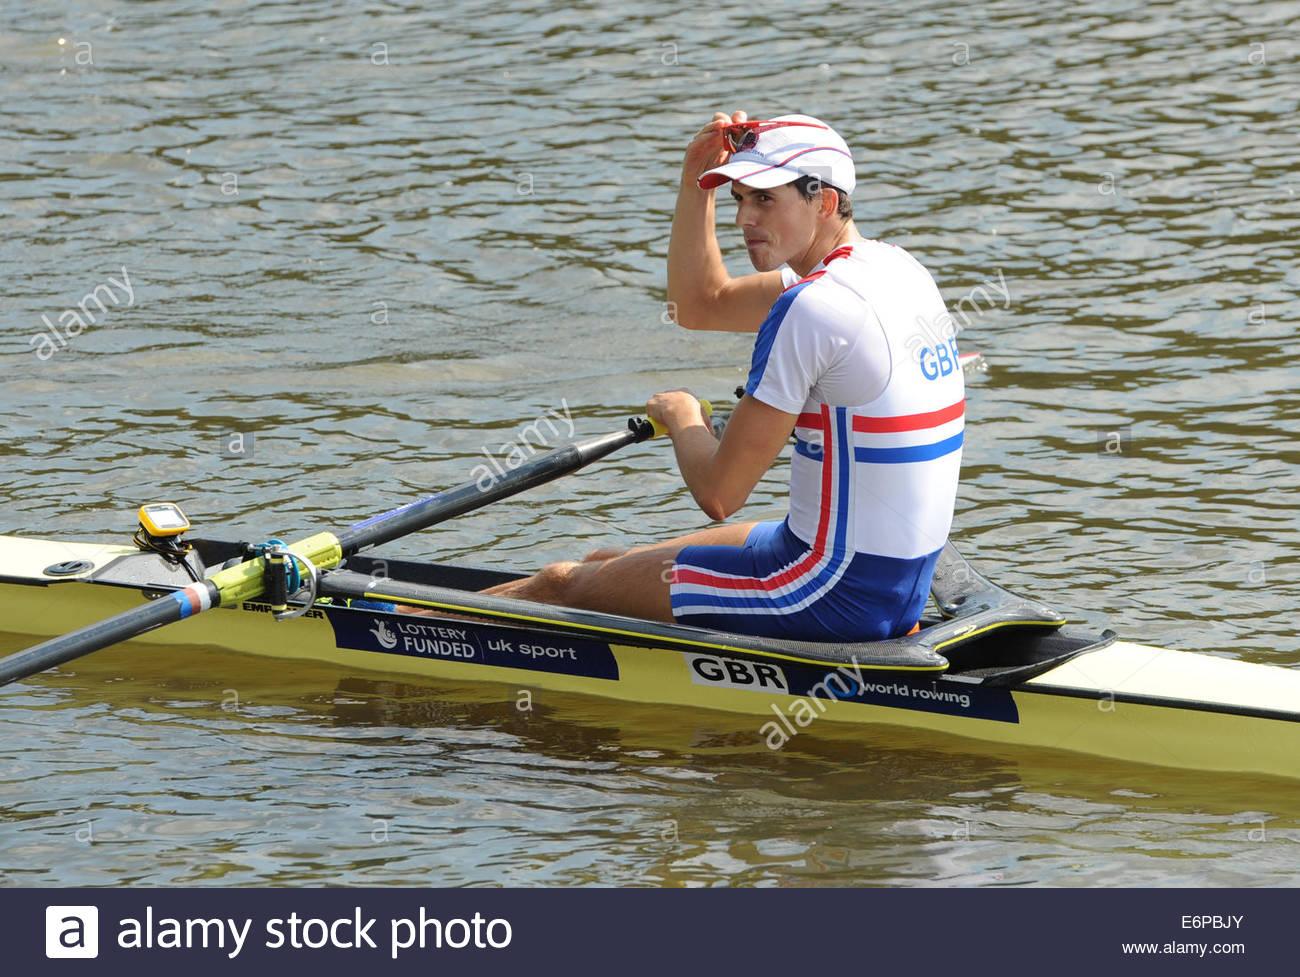 Amsterdam NL 27. August 2014 World Rowing Championships.  Leichte Herren Schädel.  Zak Lee - grün (GBR) Stockbild